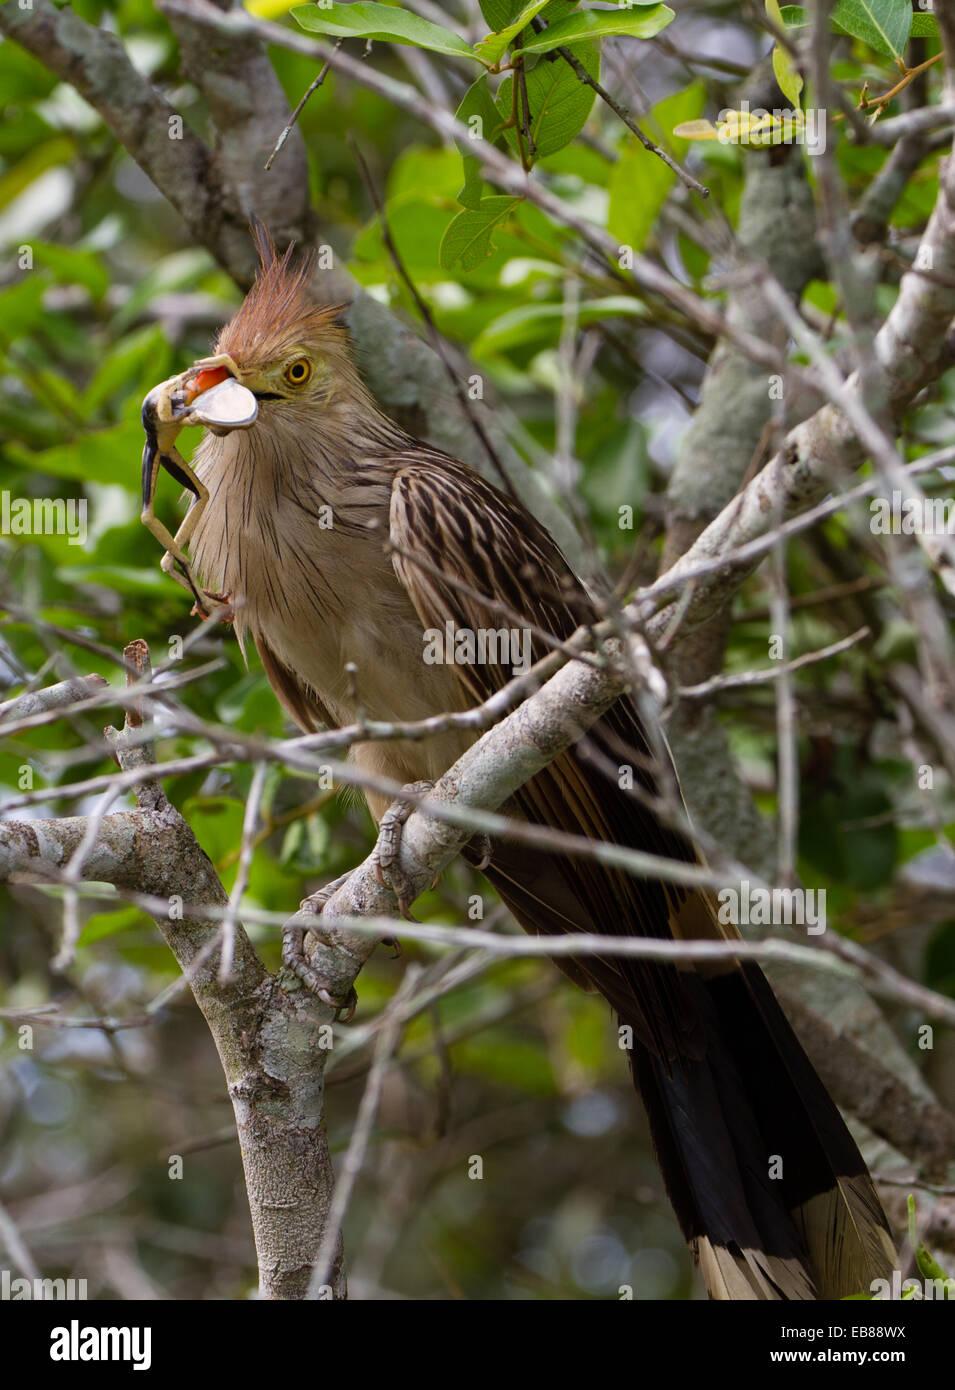 Guira cuckoo (Guira guira) - Stock Image